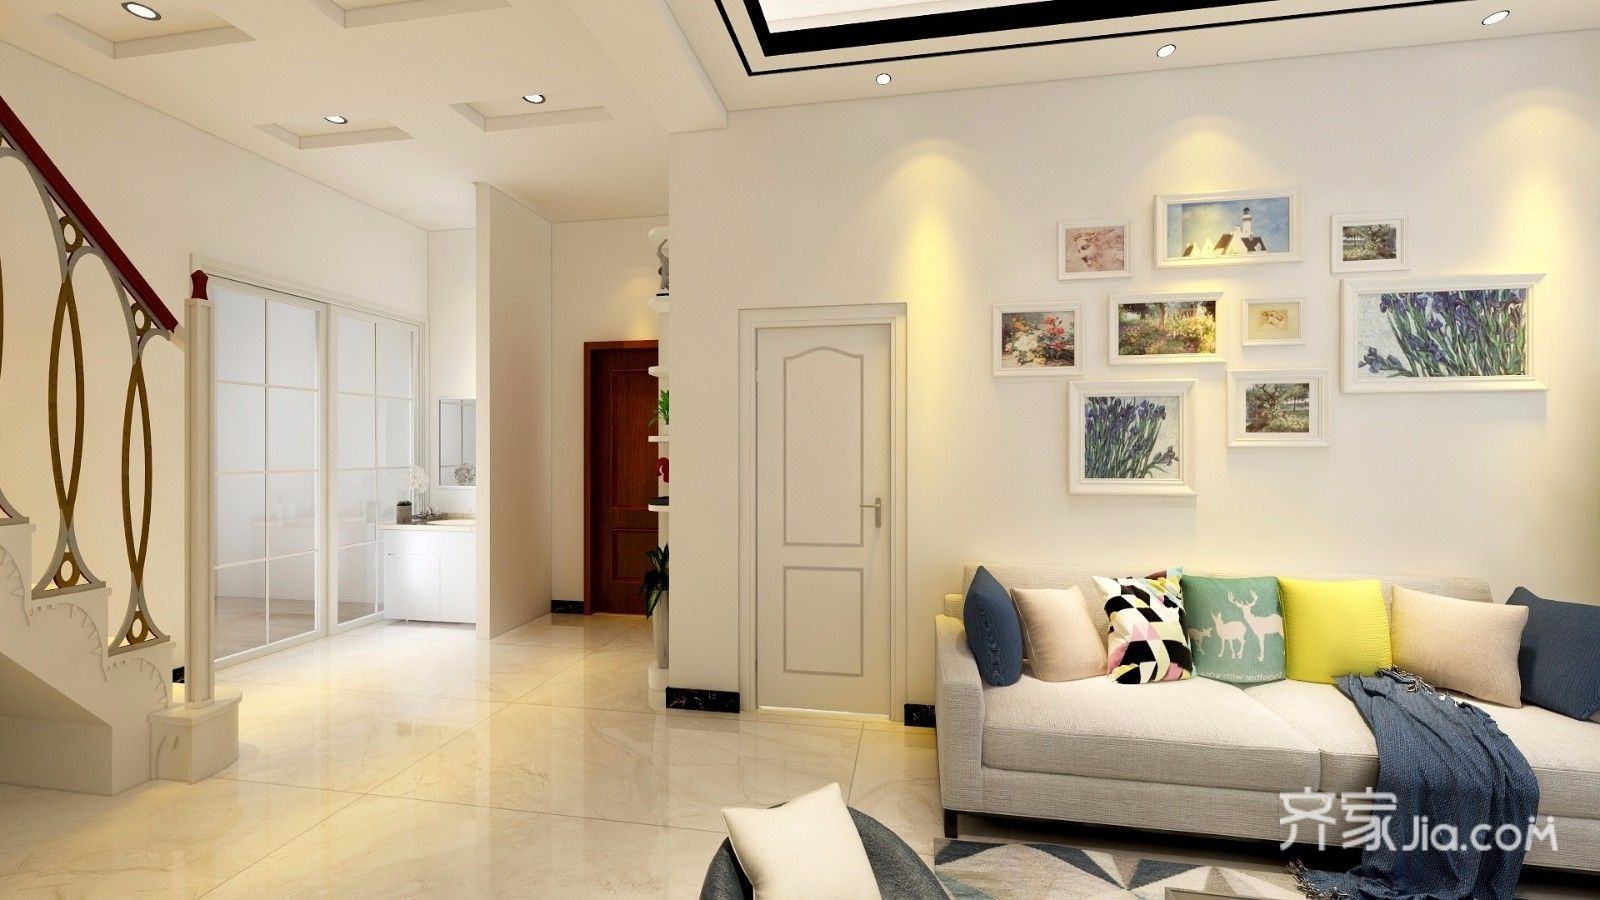 简约风格复式装修沙发背景墙效果图